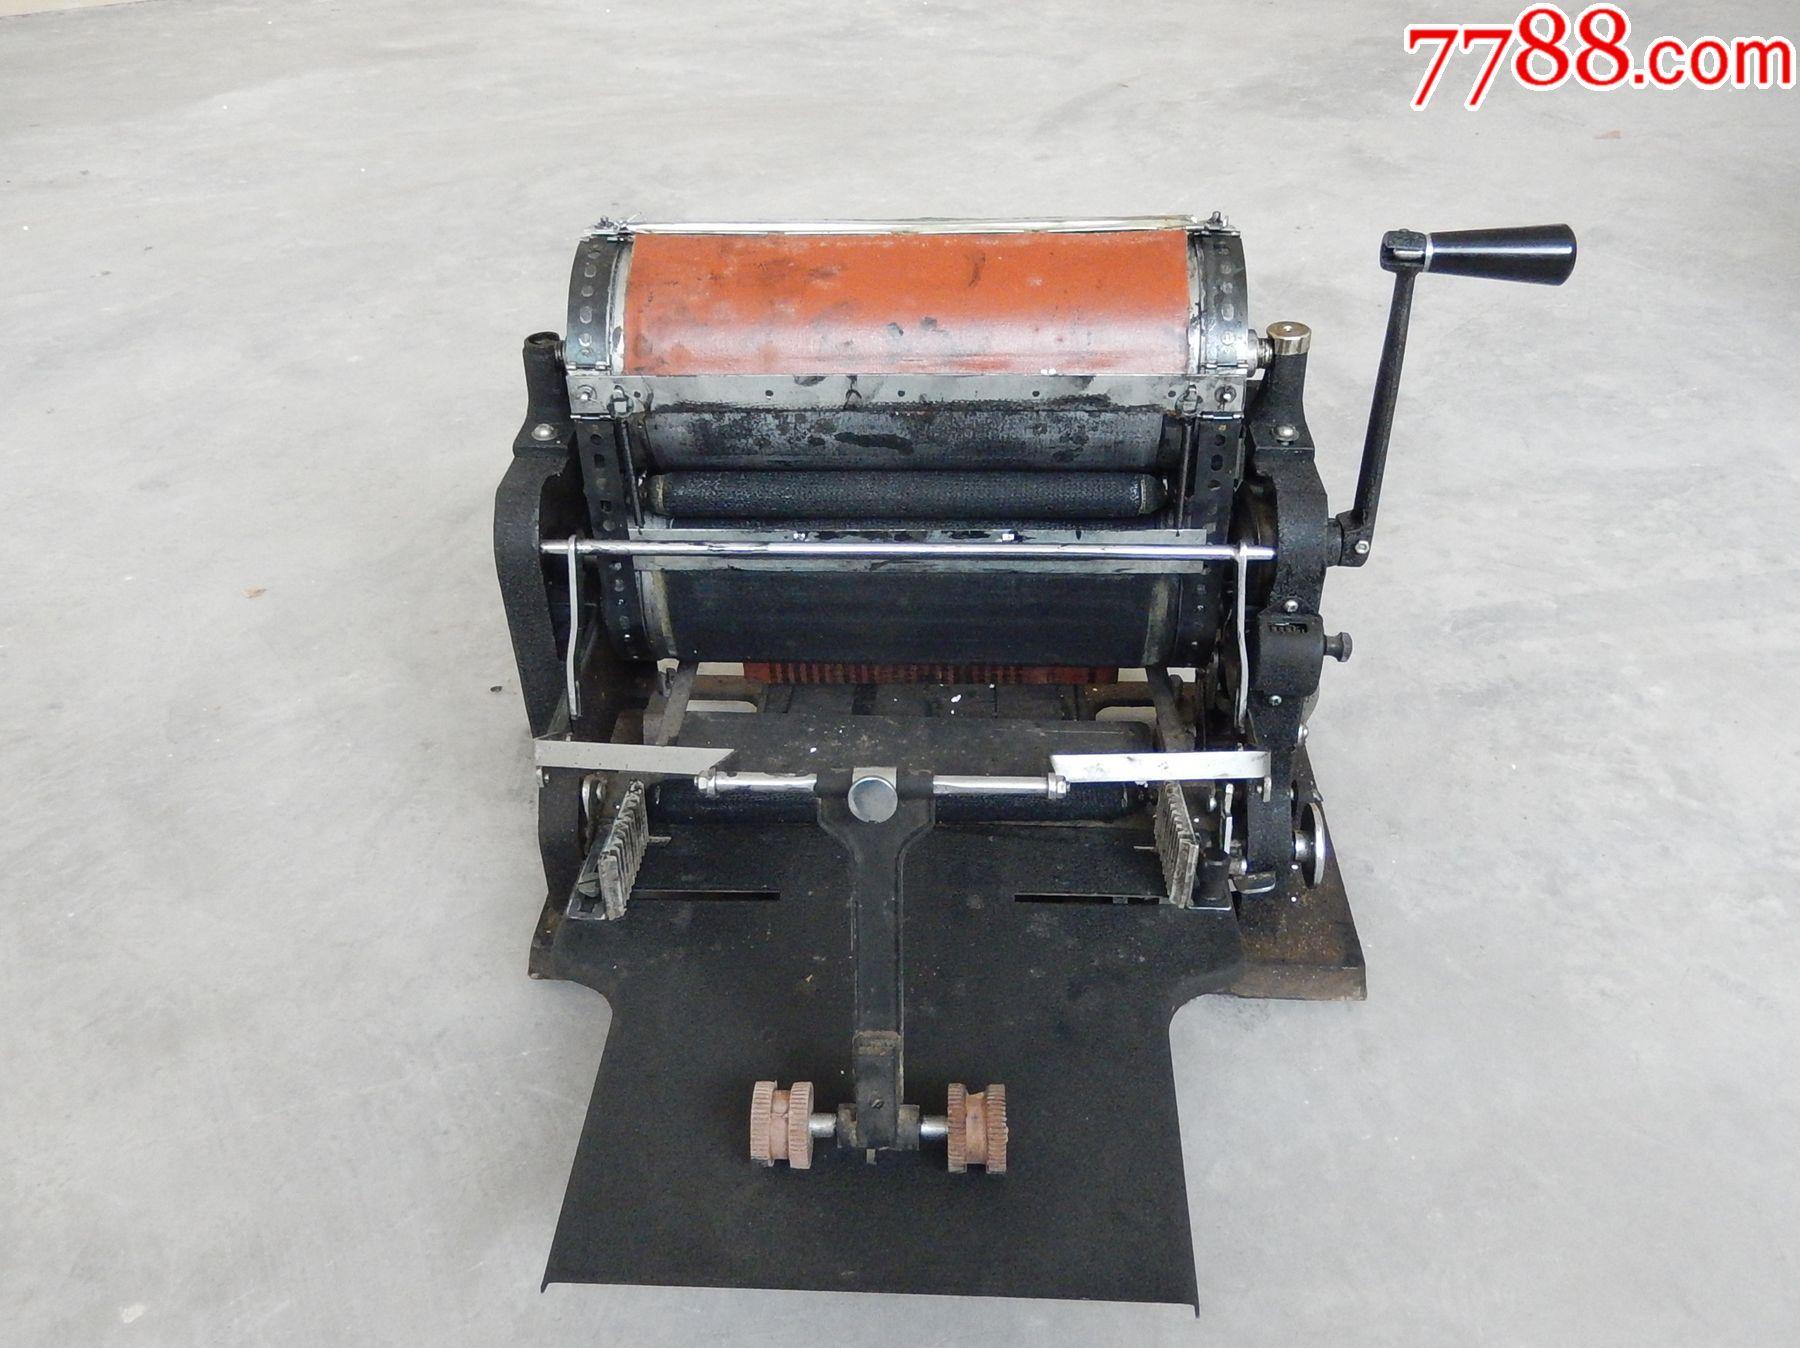 老印刷机、油印机老设备、长城牌21型速印机pu气泡棉图片